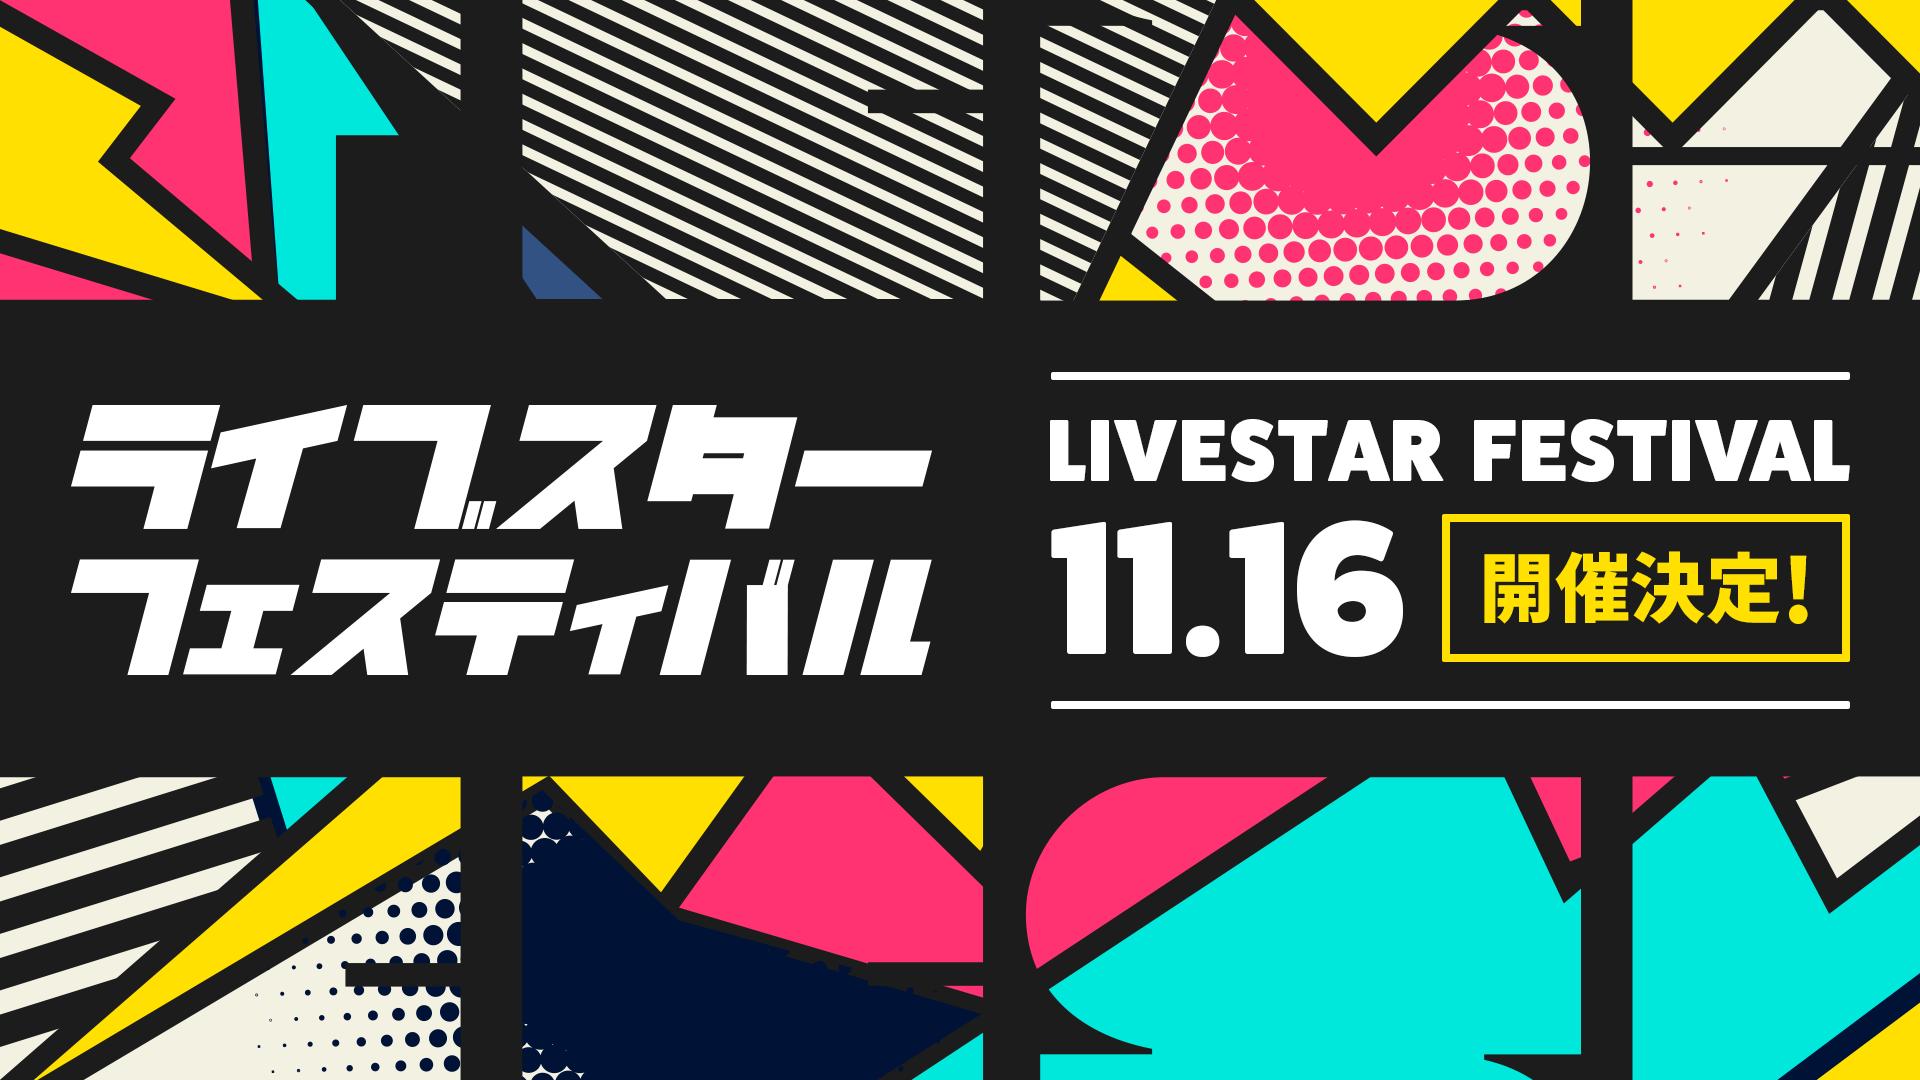 ライブスターフェスティバル